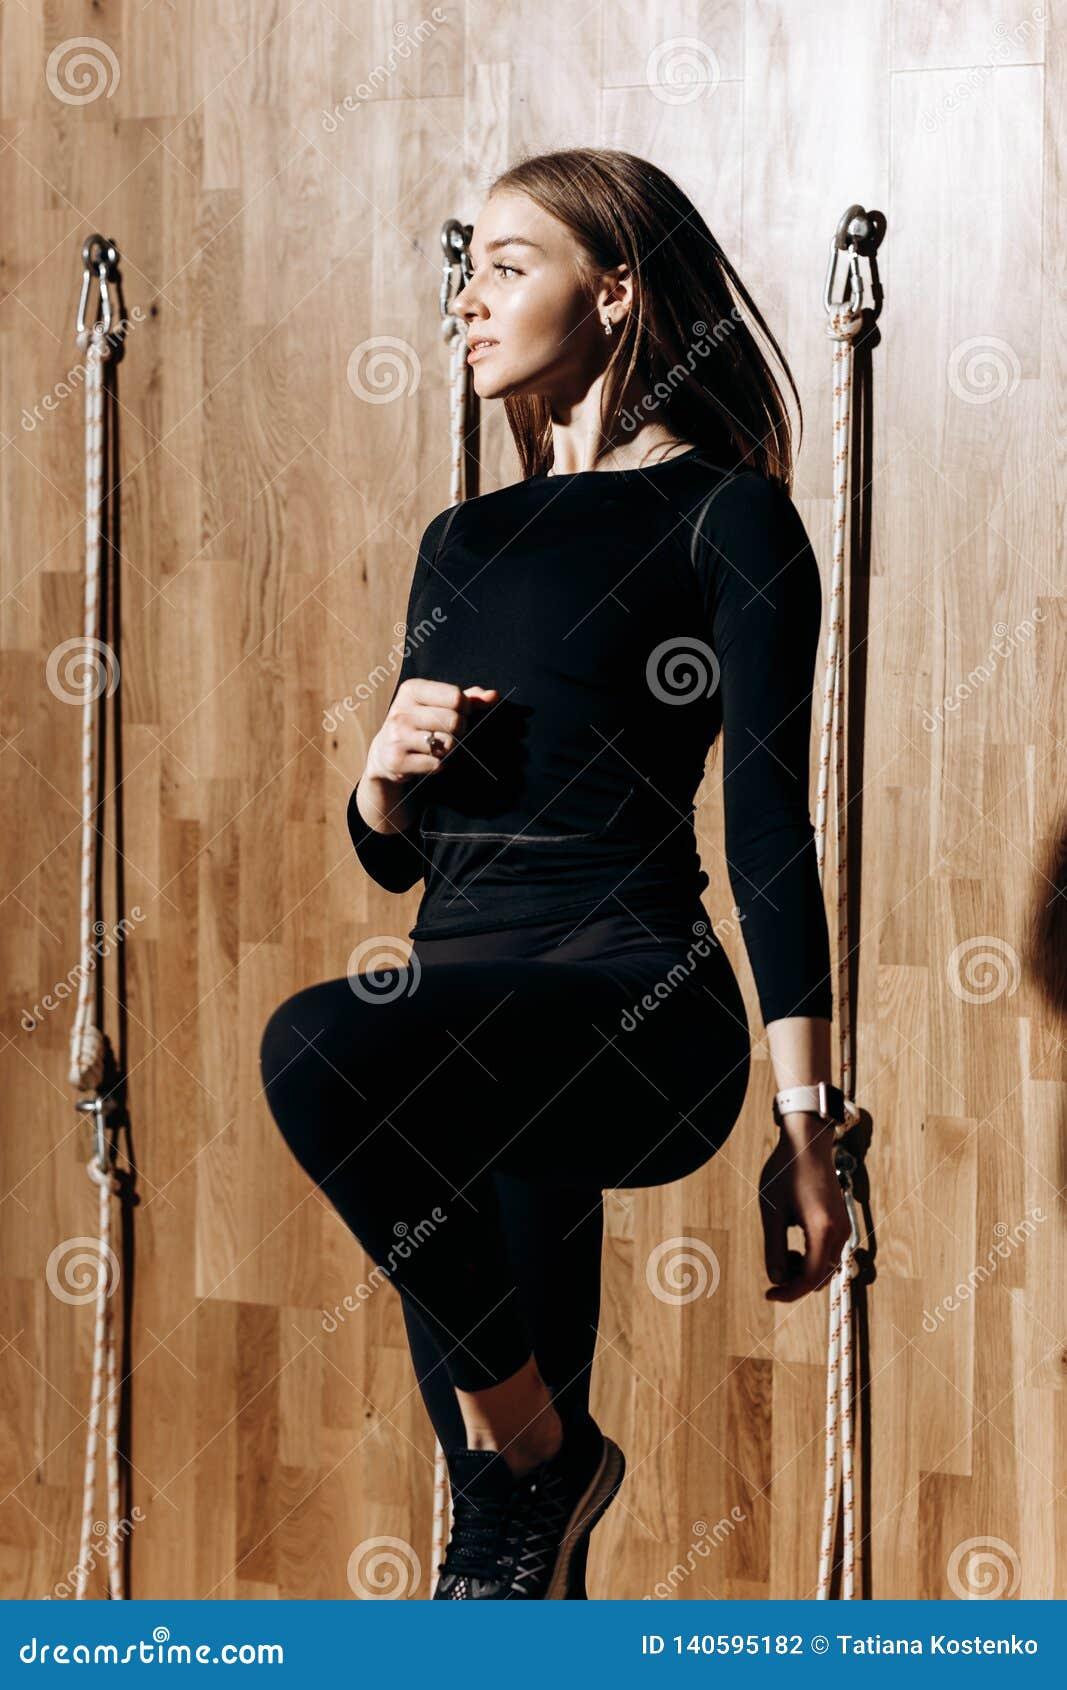 在一件黑运动服打扮的苗条女孩在现代健身房的绳索设备旁边跳与木